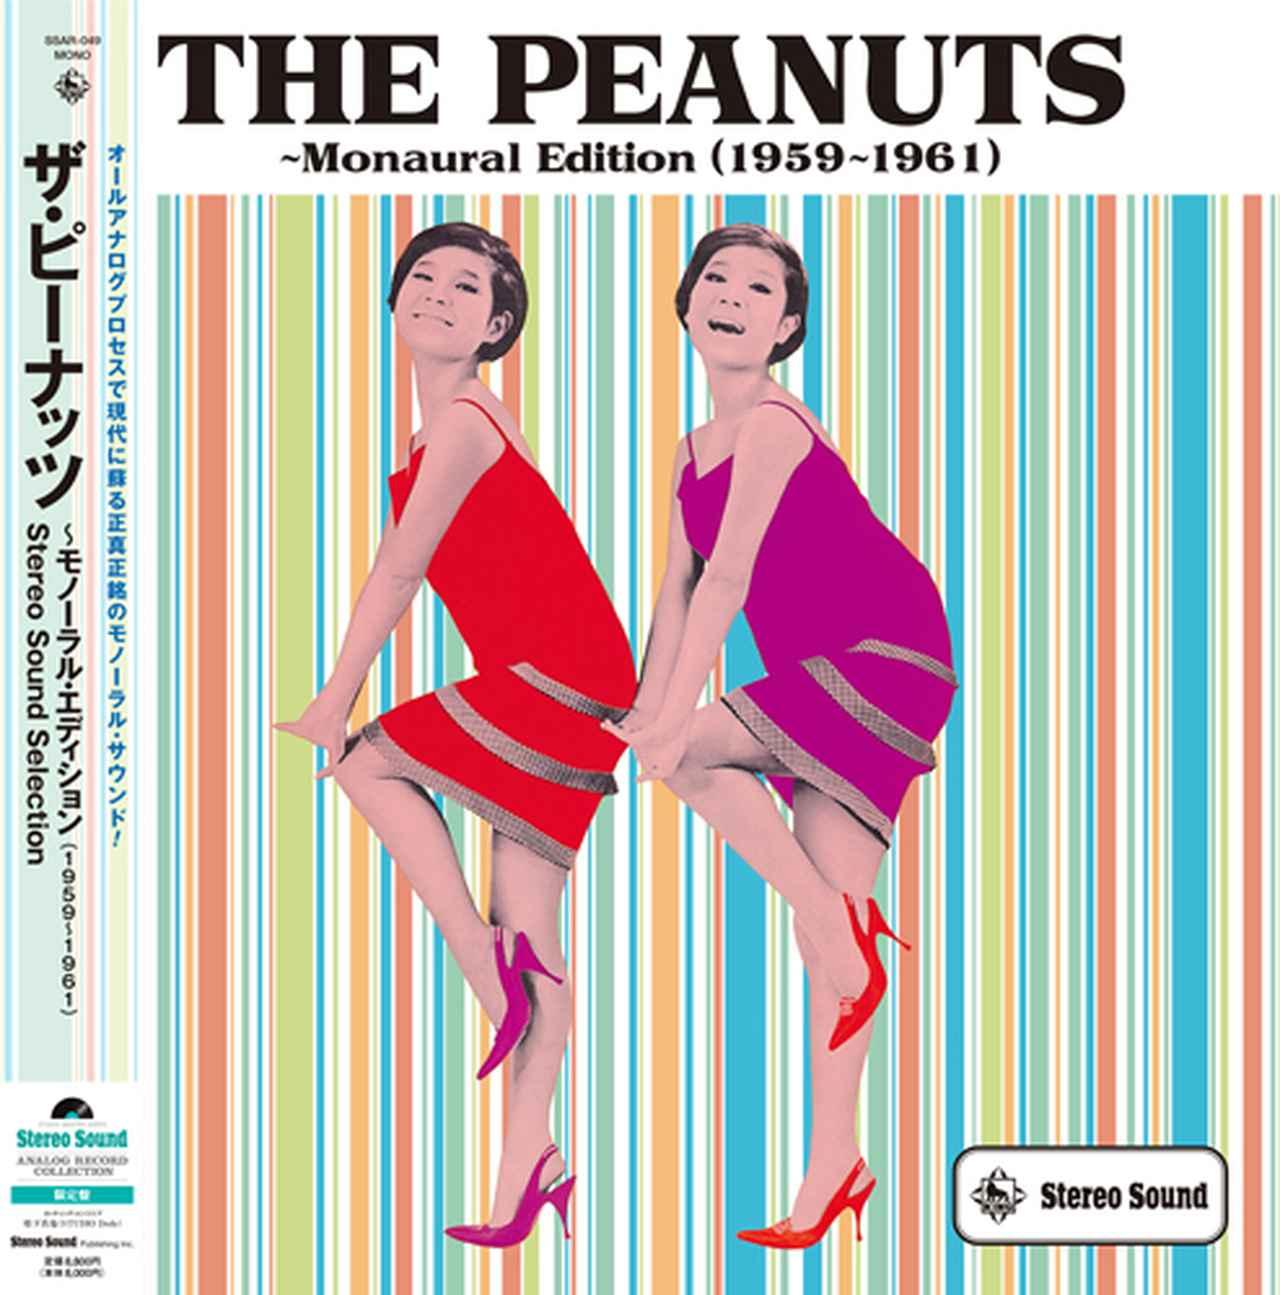 画像: THE PEANUTS~Monaural Edition(1959~1961)(アナログレコード)SSAR-049